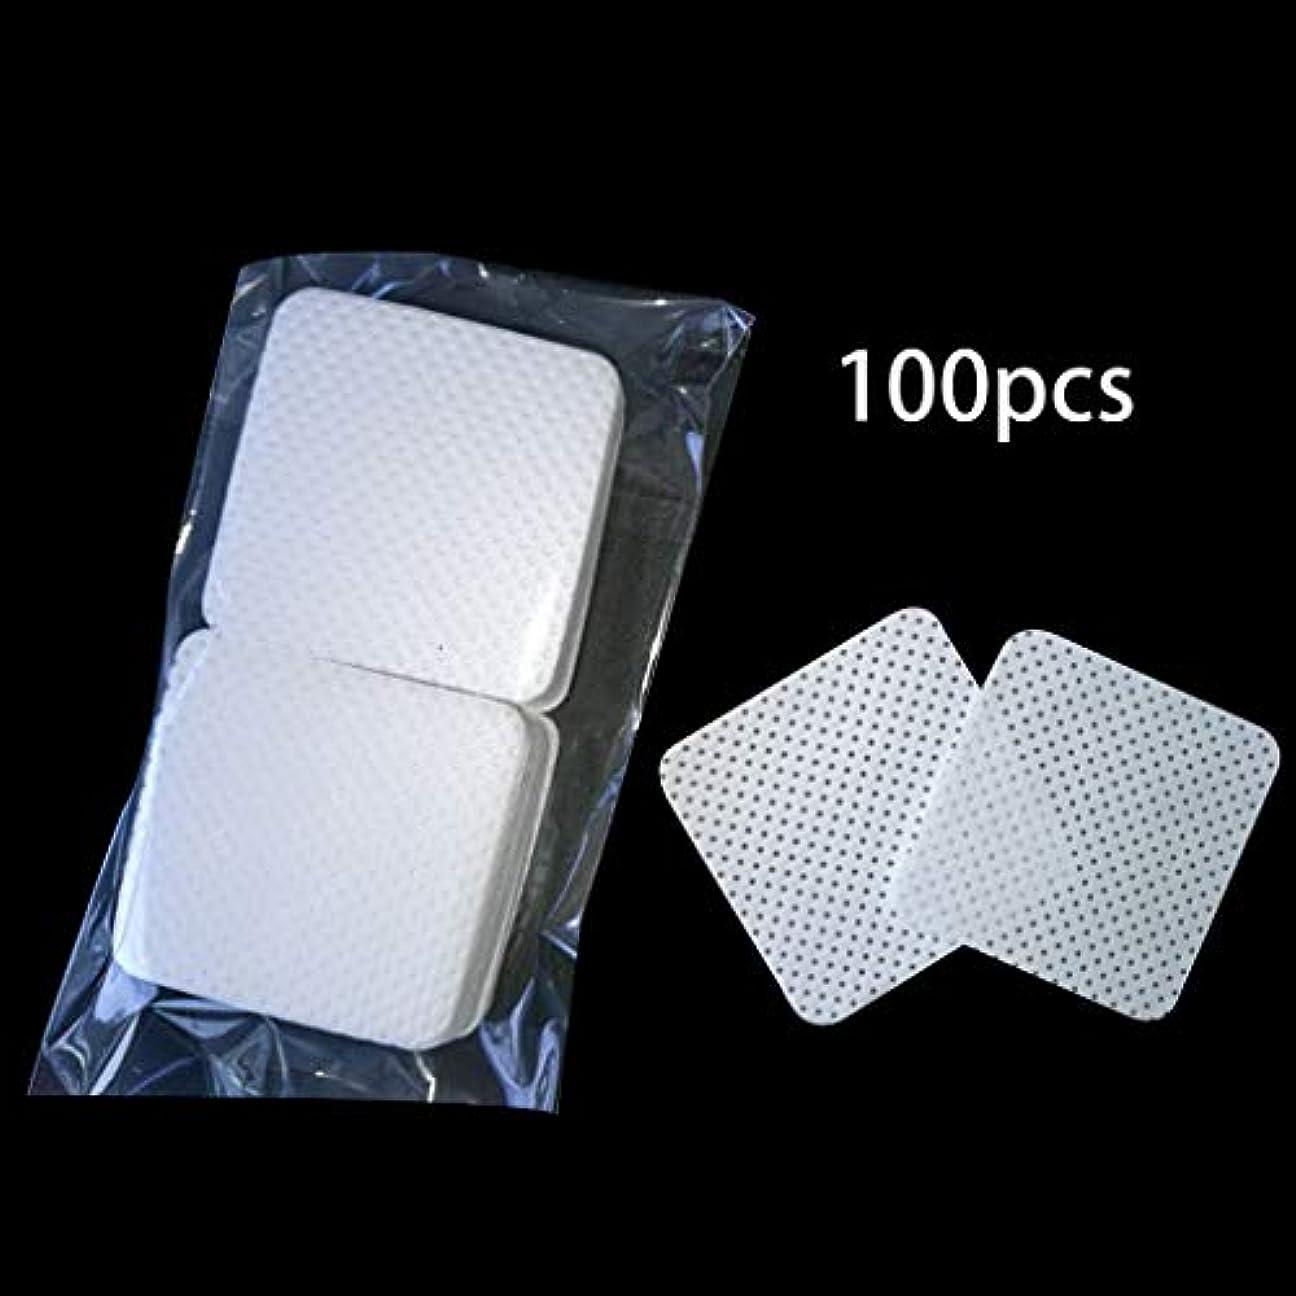 四わずかな物理Lamdoo 100ピース/バッグ使い捨てまつげエクステンション接着剤削除綿パッド瓶口拭きパッチメイク化粧品クリーニングツール